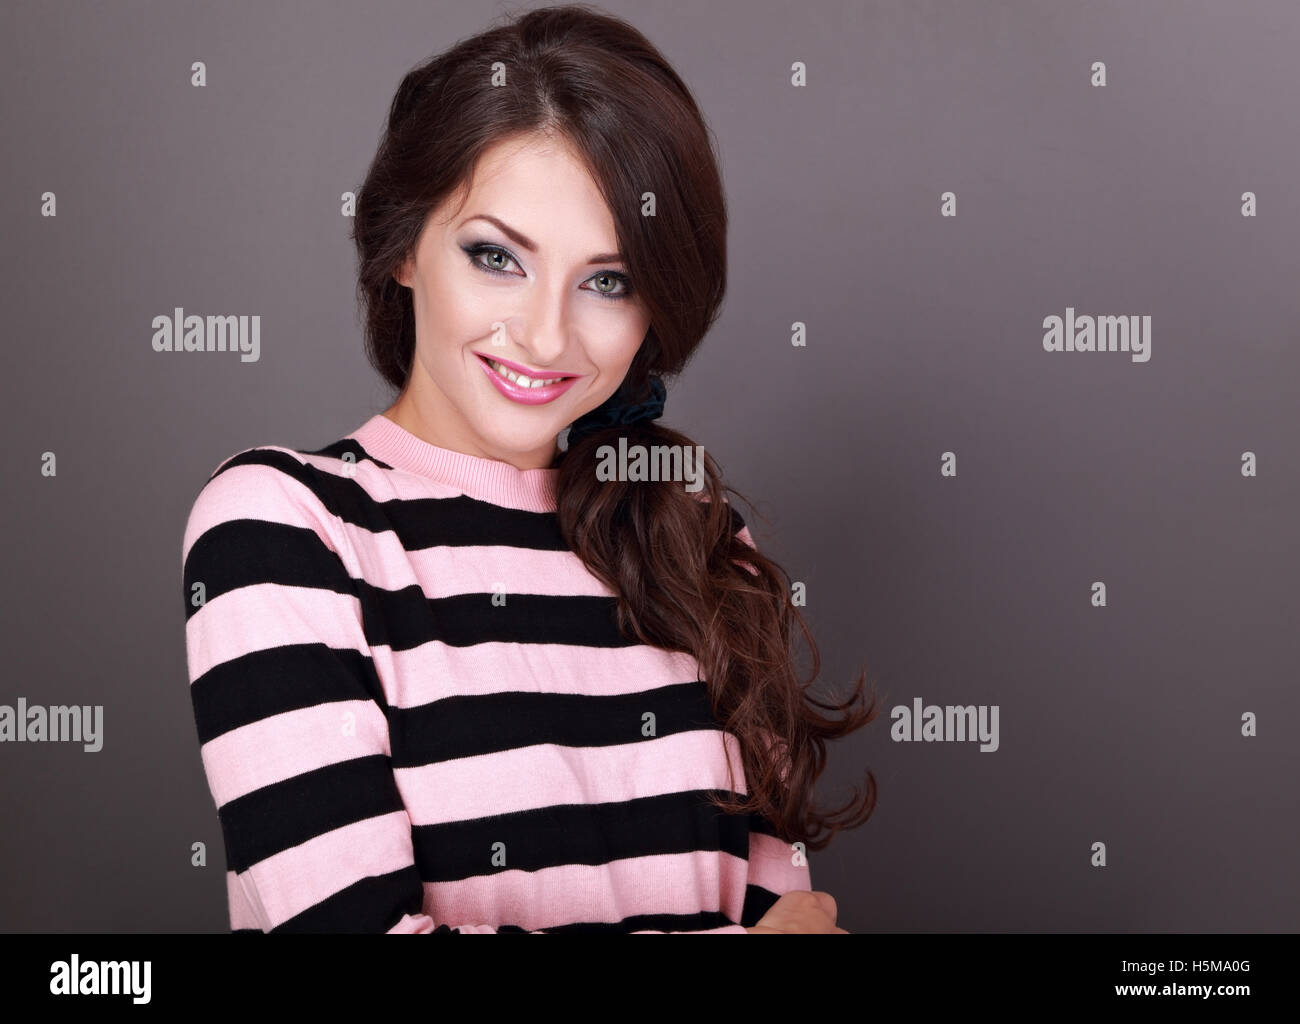 Felice bella donna informale con lunghi capelli ricci style guardando con  sorriso su sfondo grigio Immagini c9bb84ef8550